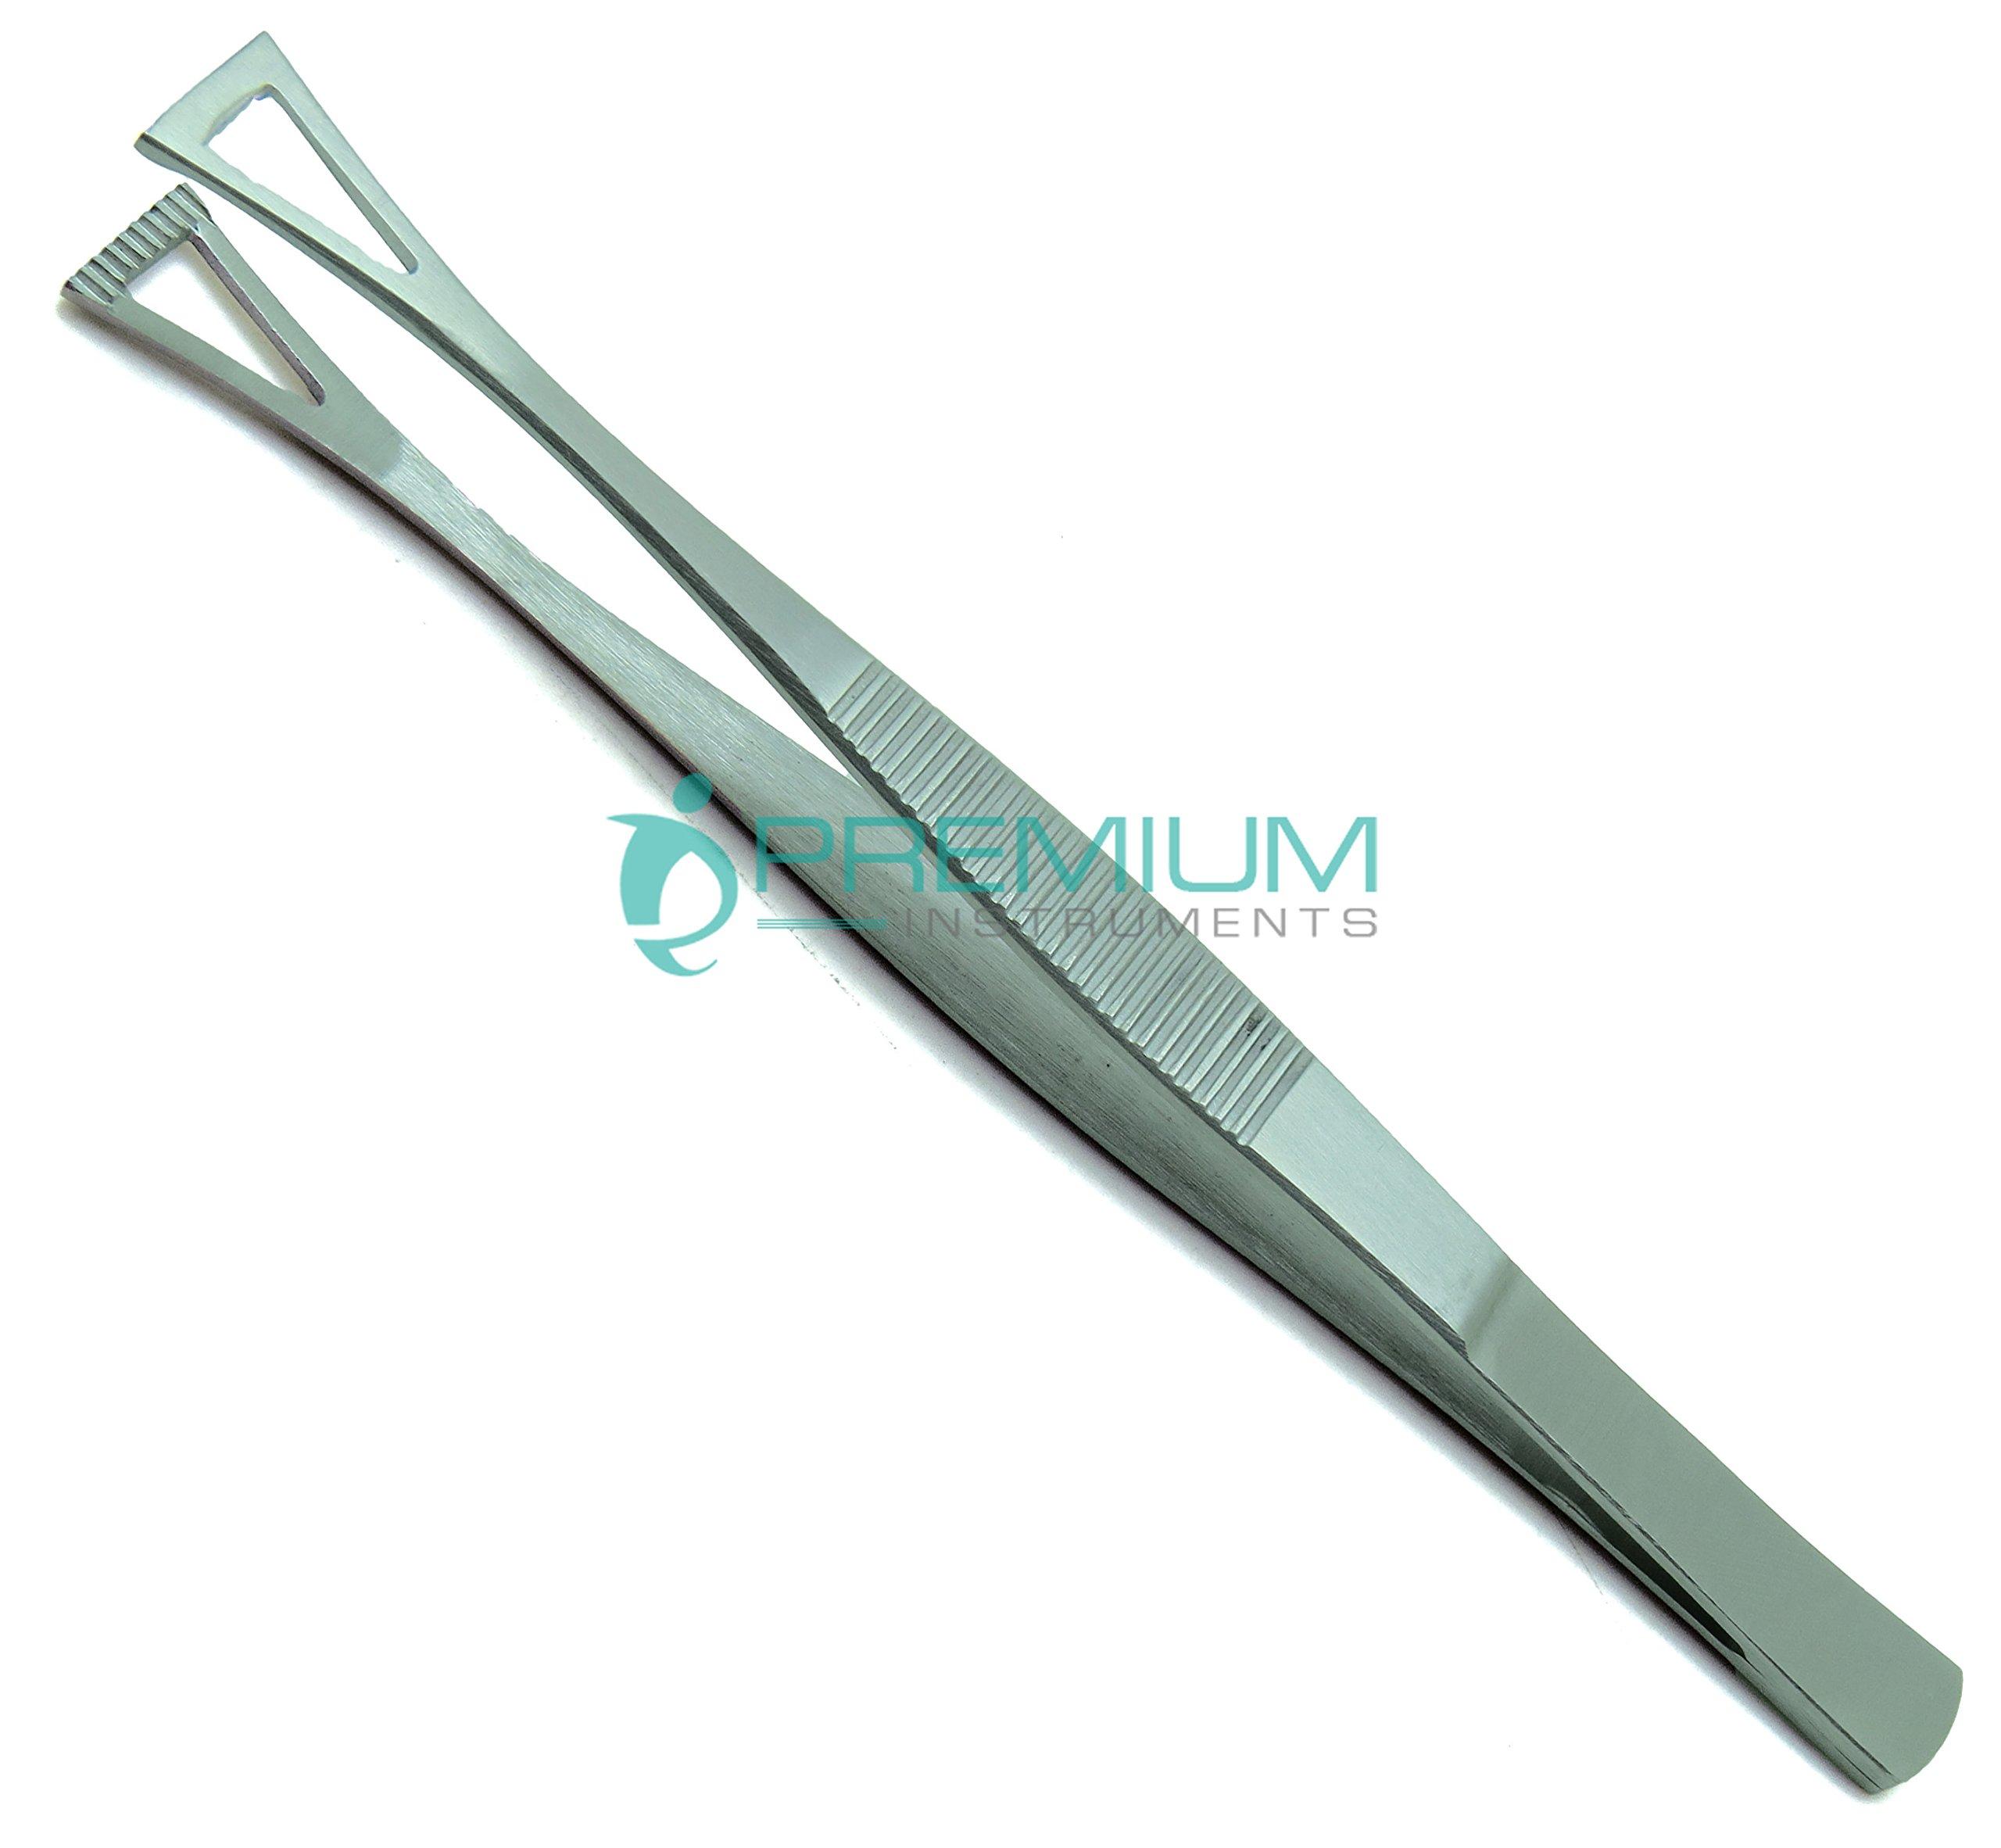 Collin Duval Tissue Forceps 15cm Body Piercing Tweezer Premium Instruments